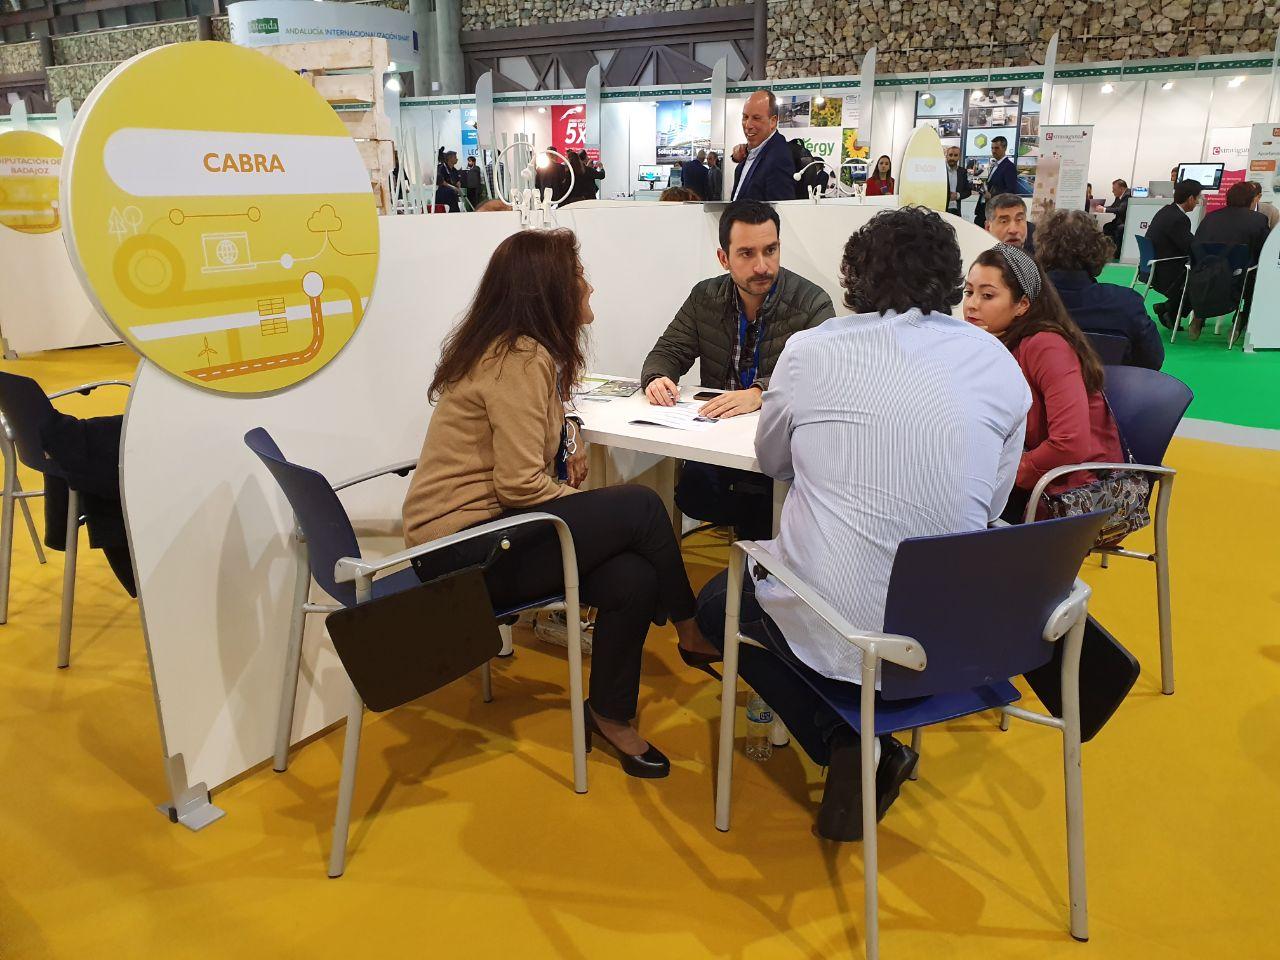 Cabra participa en la X Edición de Greencities, Foro de Inteligencia y Sostenibilidad Urbana